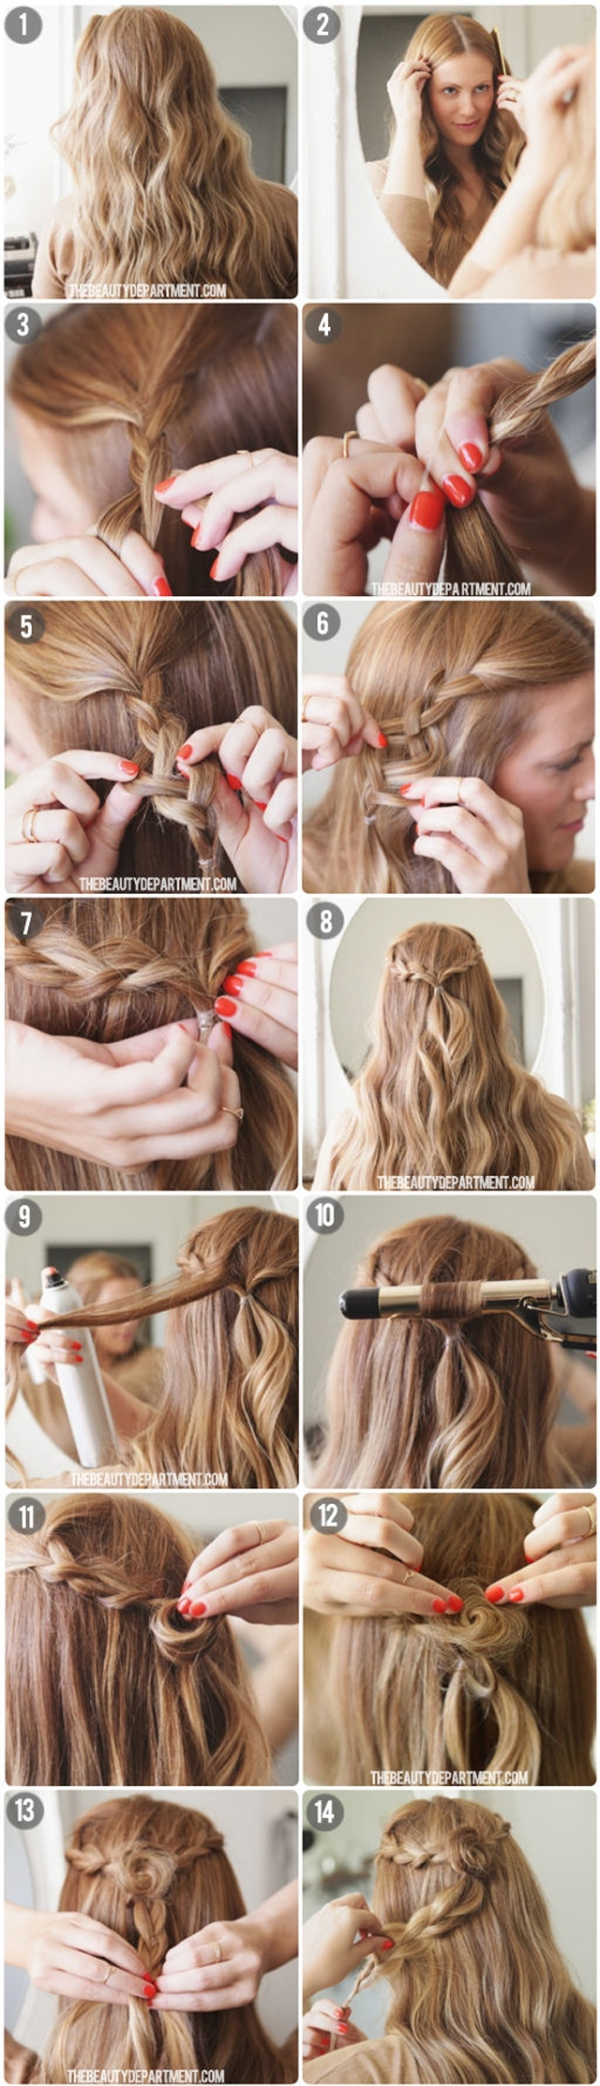 cadiveu-penteado-romantismo (2)